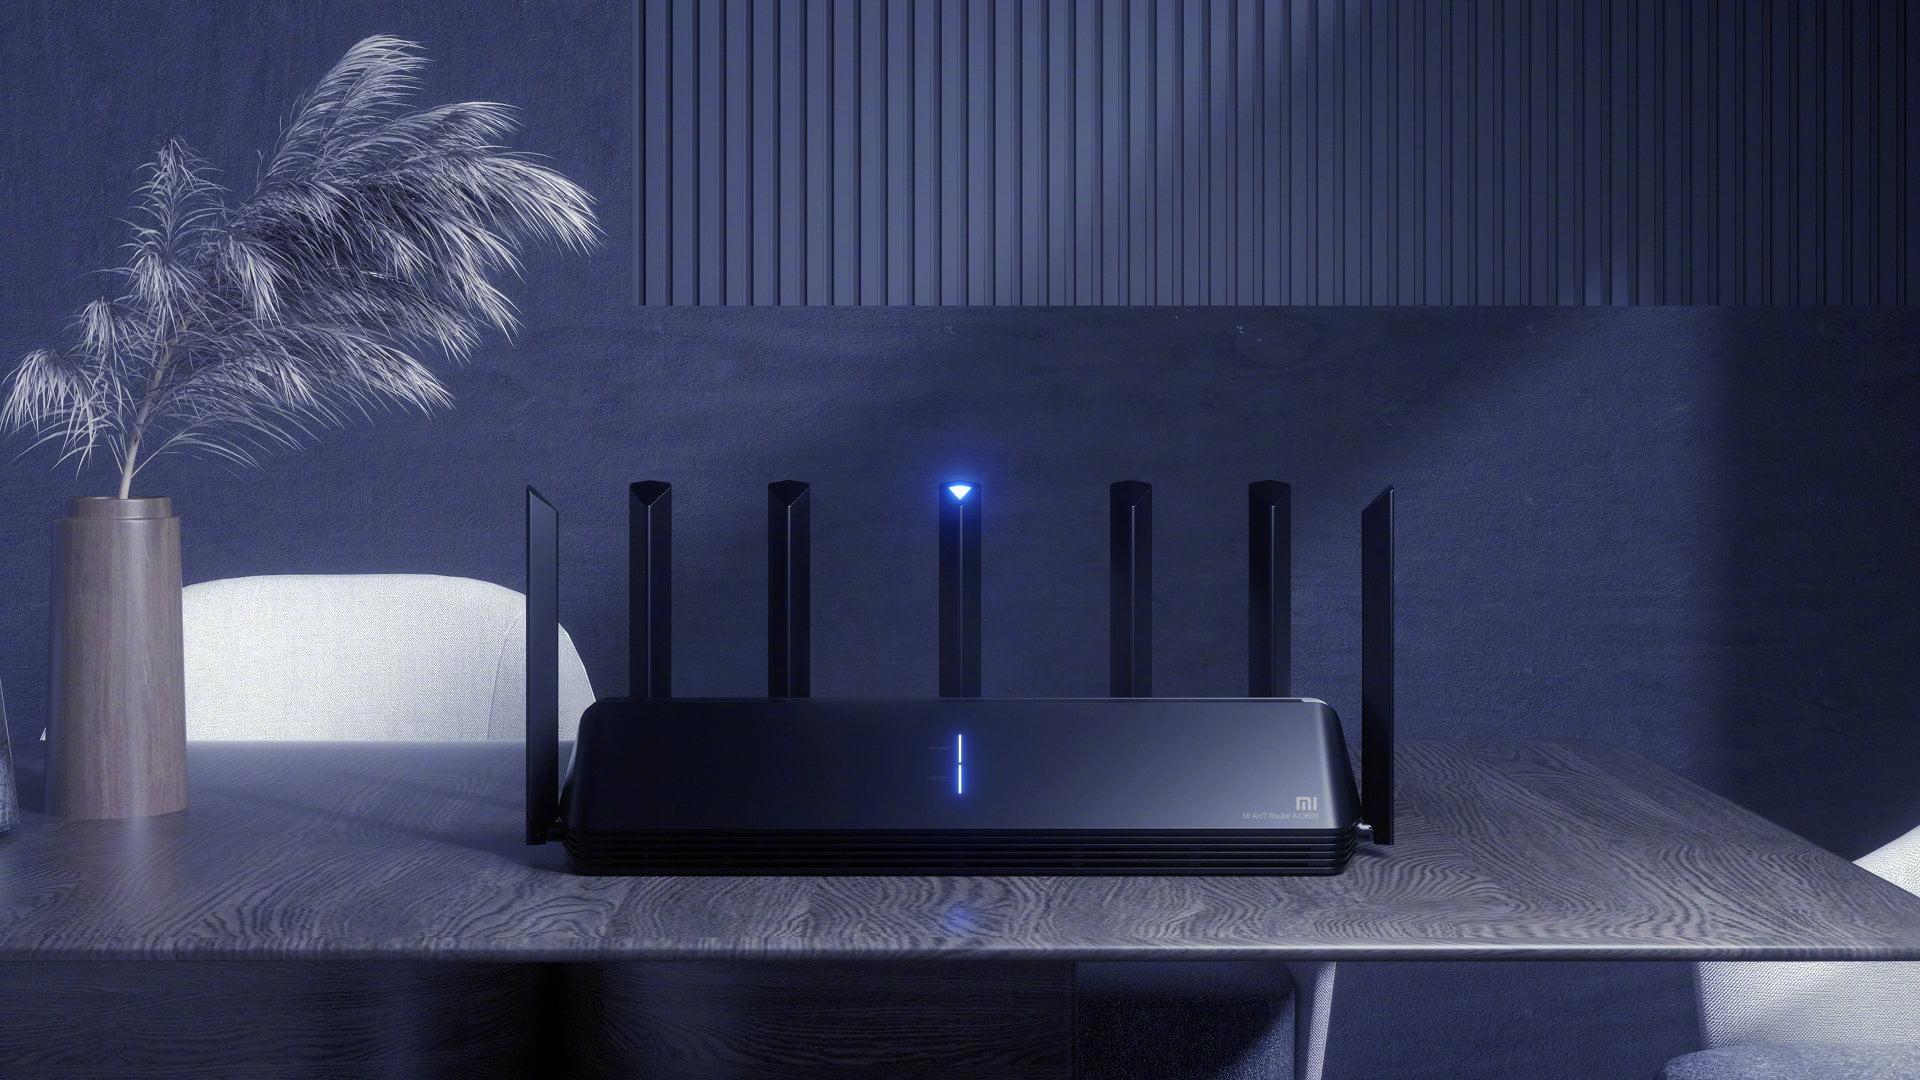 Xiaomi WiFi 6 router comparison AX9000, AX6000, AX3600